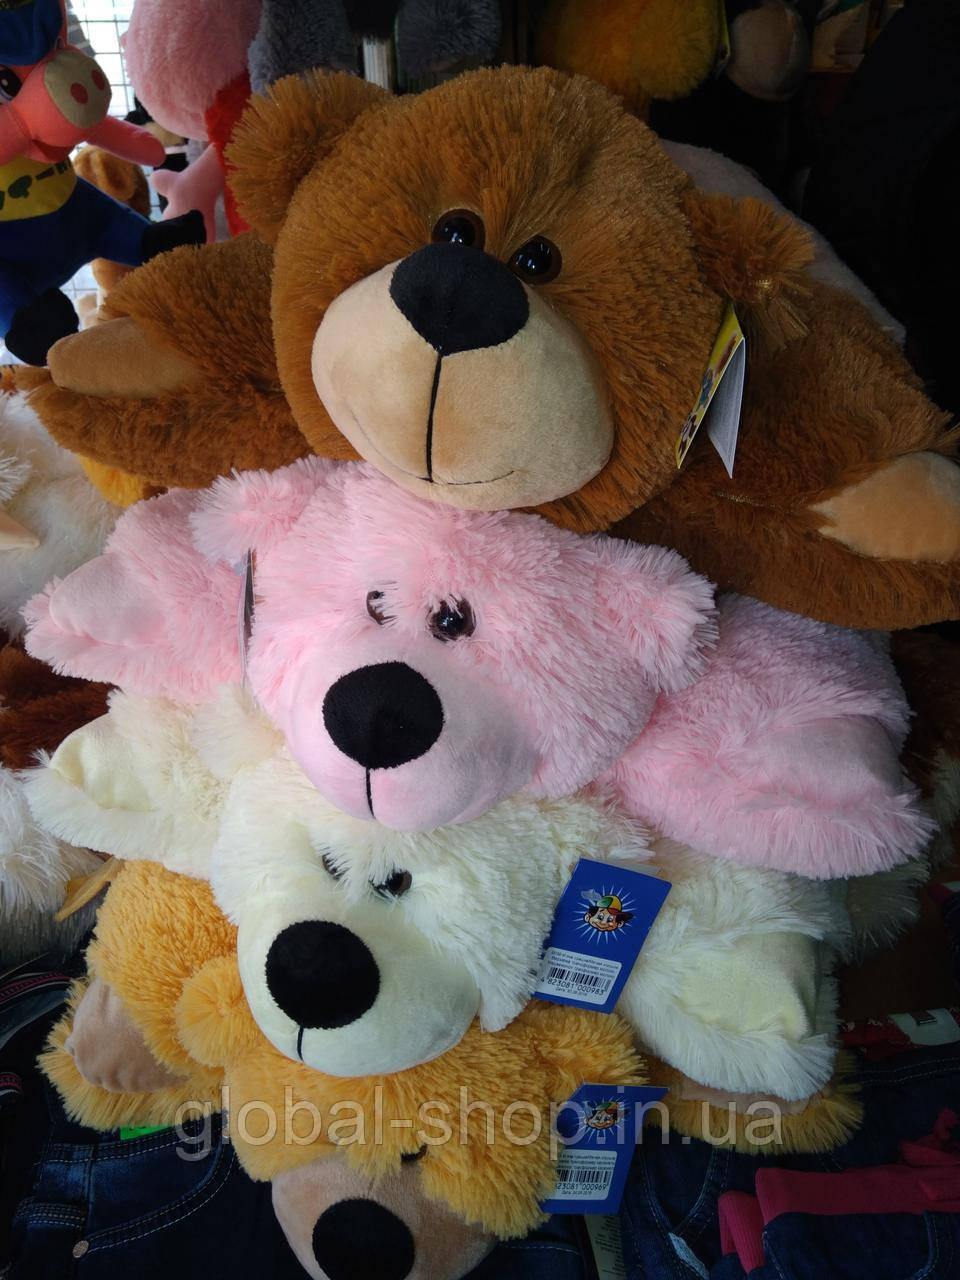 Подушка мягкая игрушка на липучке Мишка  медведь трансформер 2 в 1 ,размеры 43*43